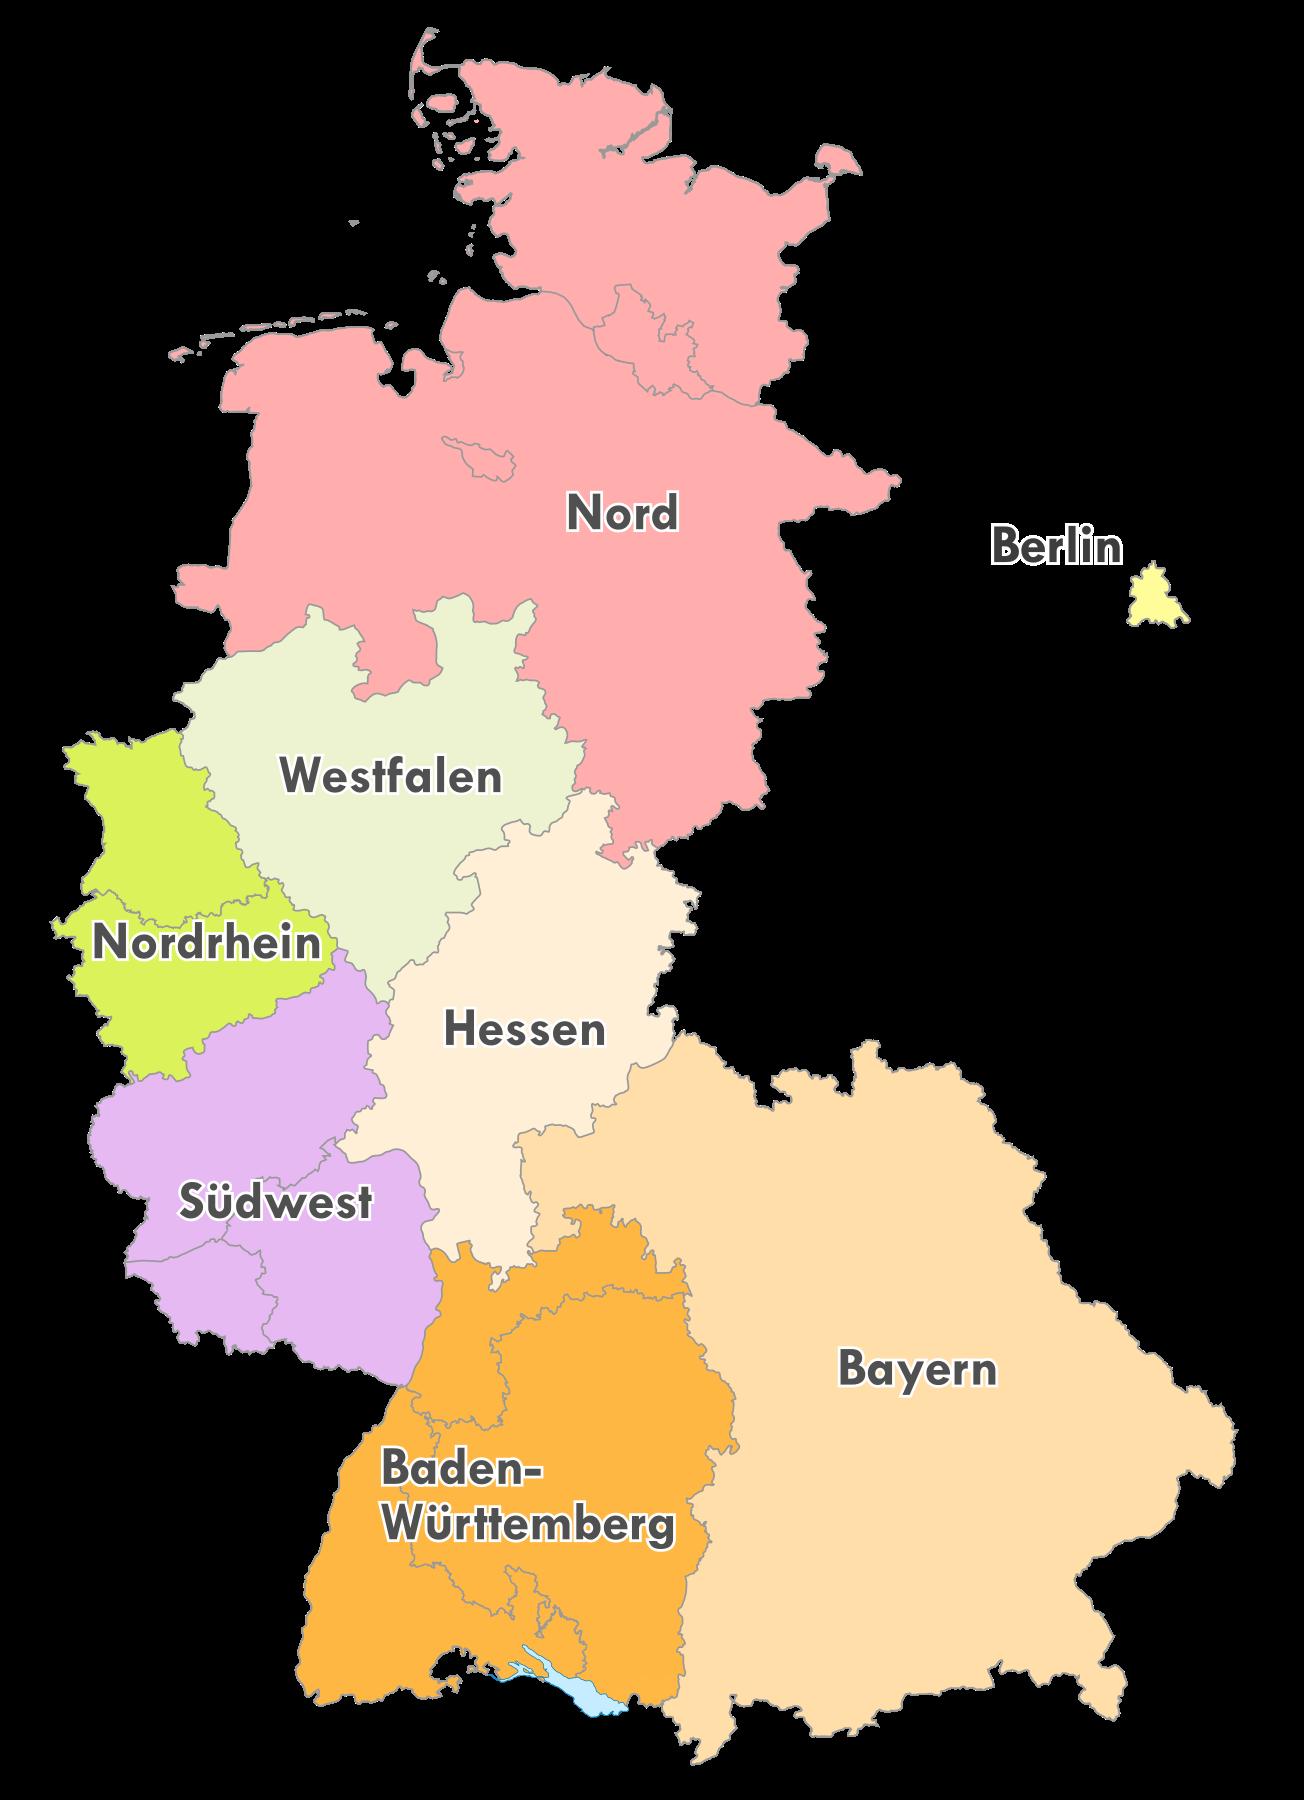 Geografische Einteilung der Oberligen zur Saison 1981/82